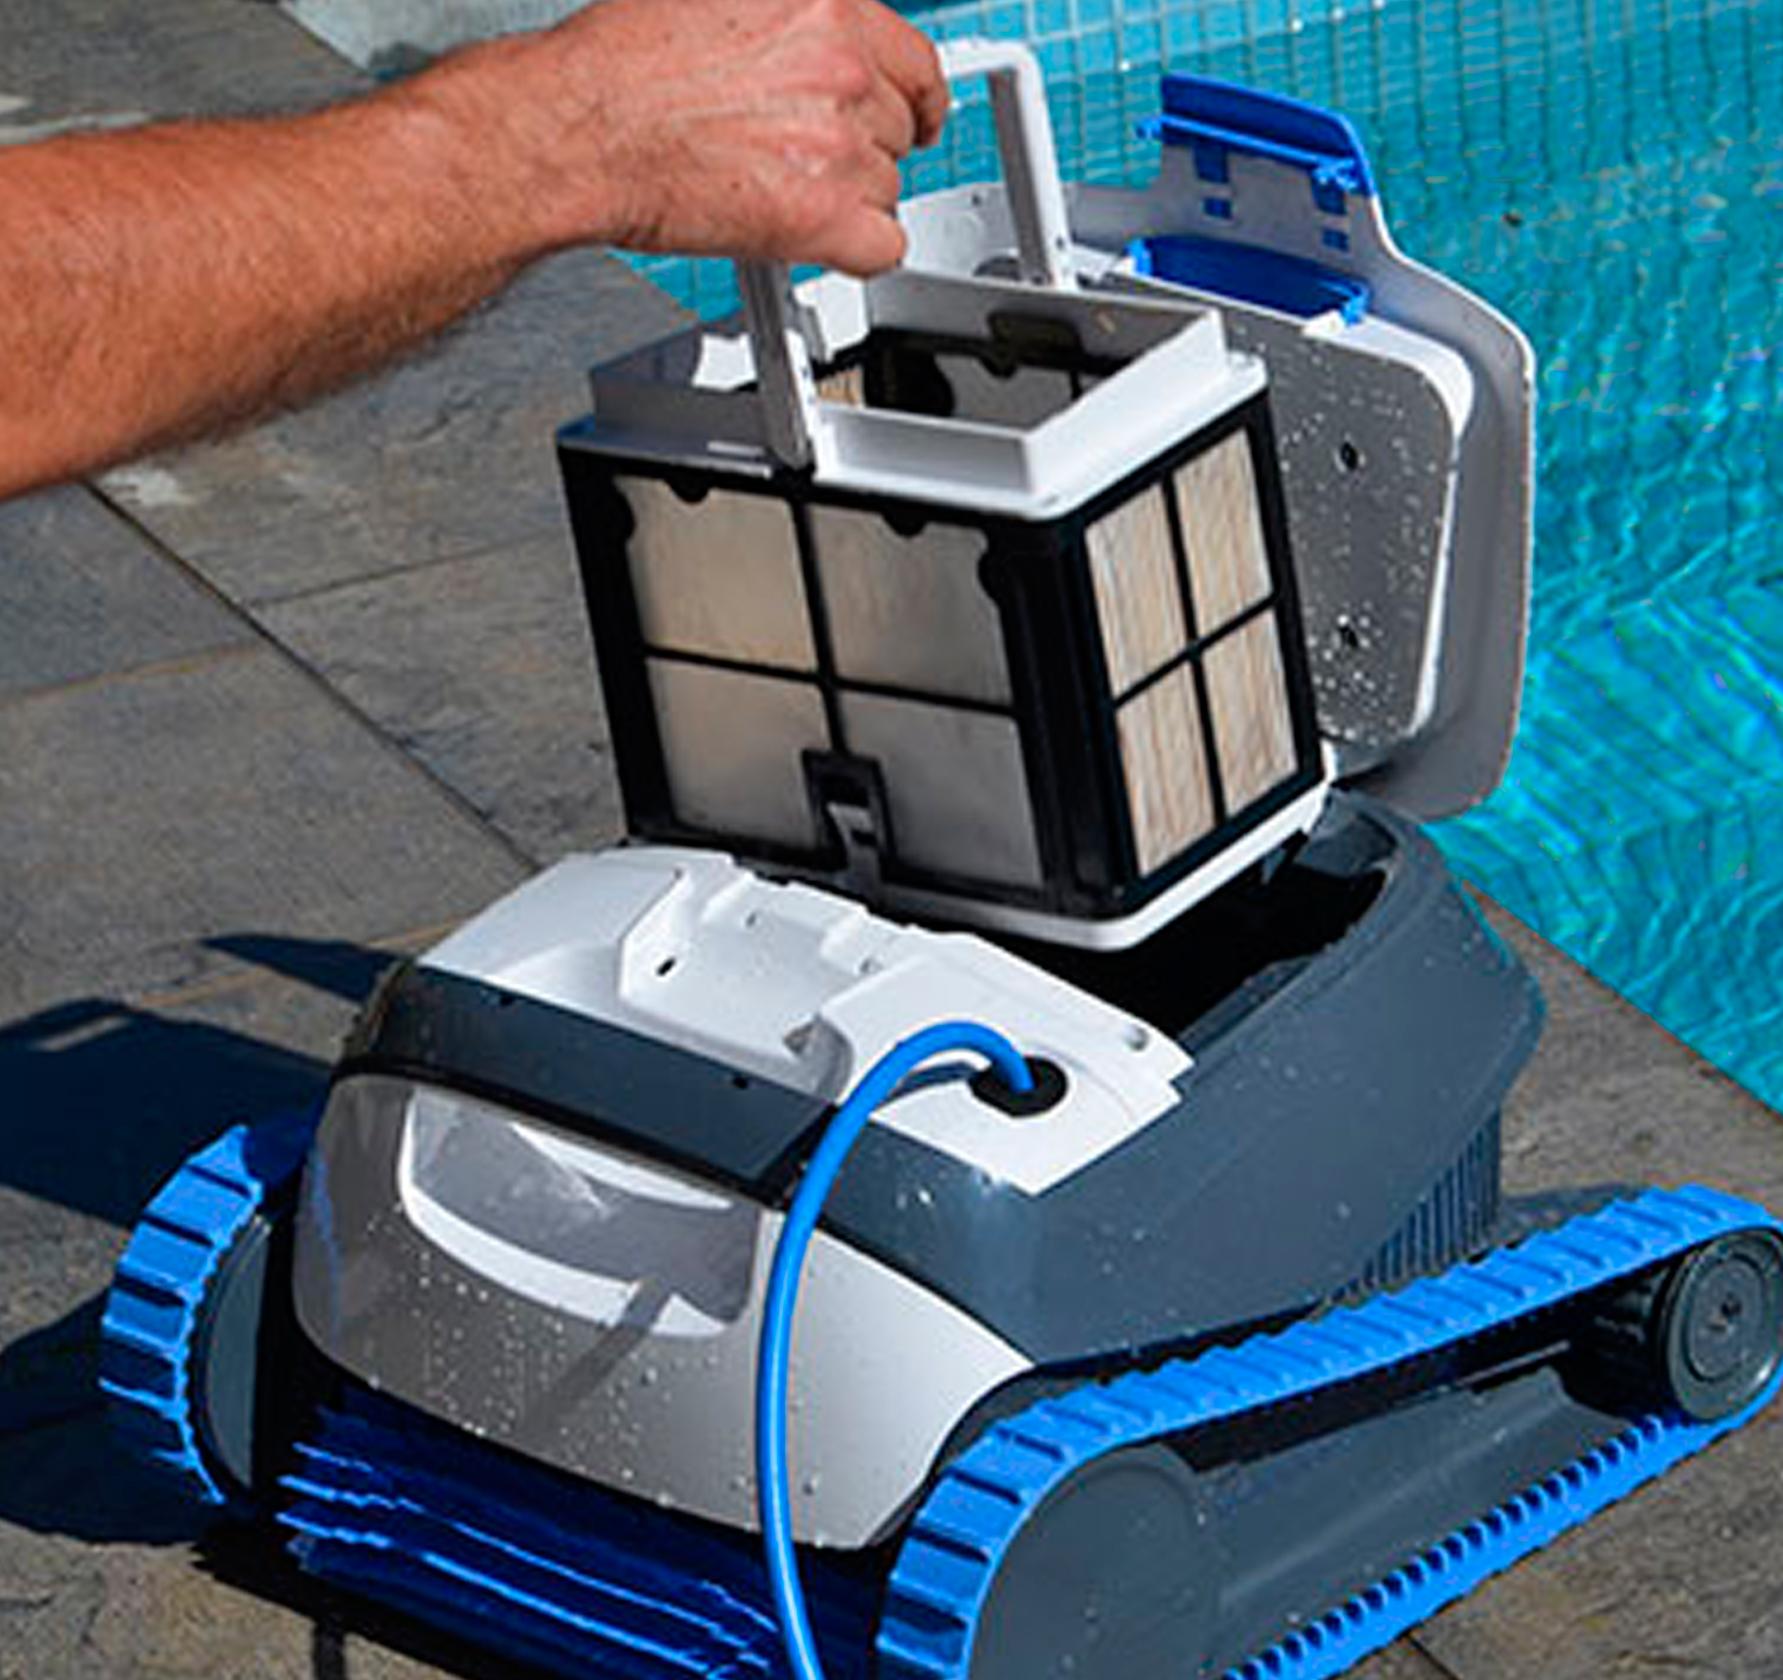 Cesta de robot piscina Dolphin S100